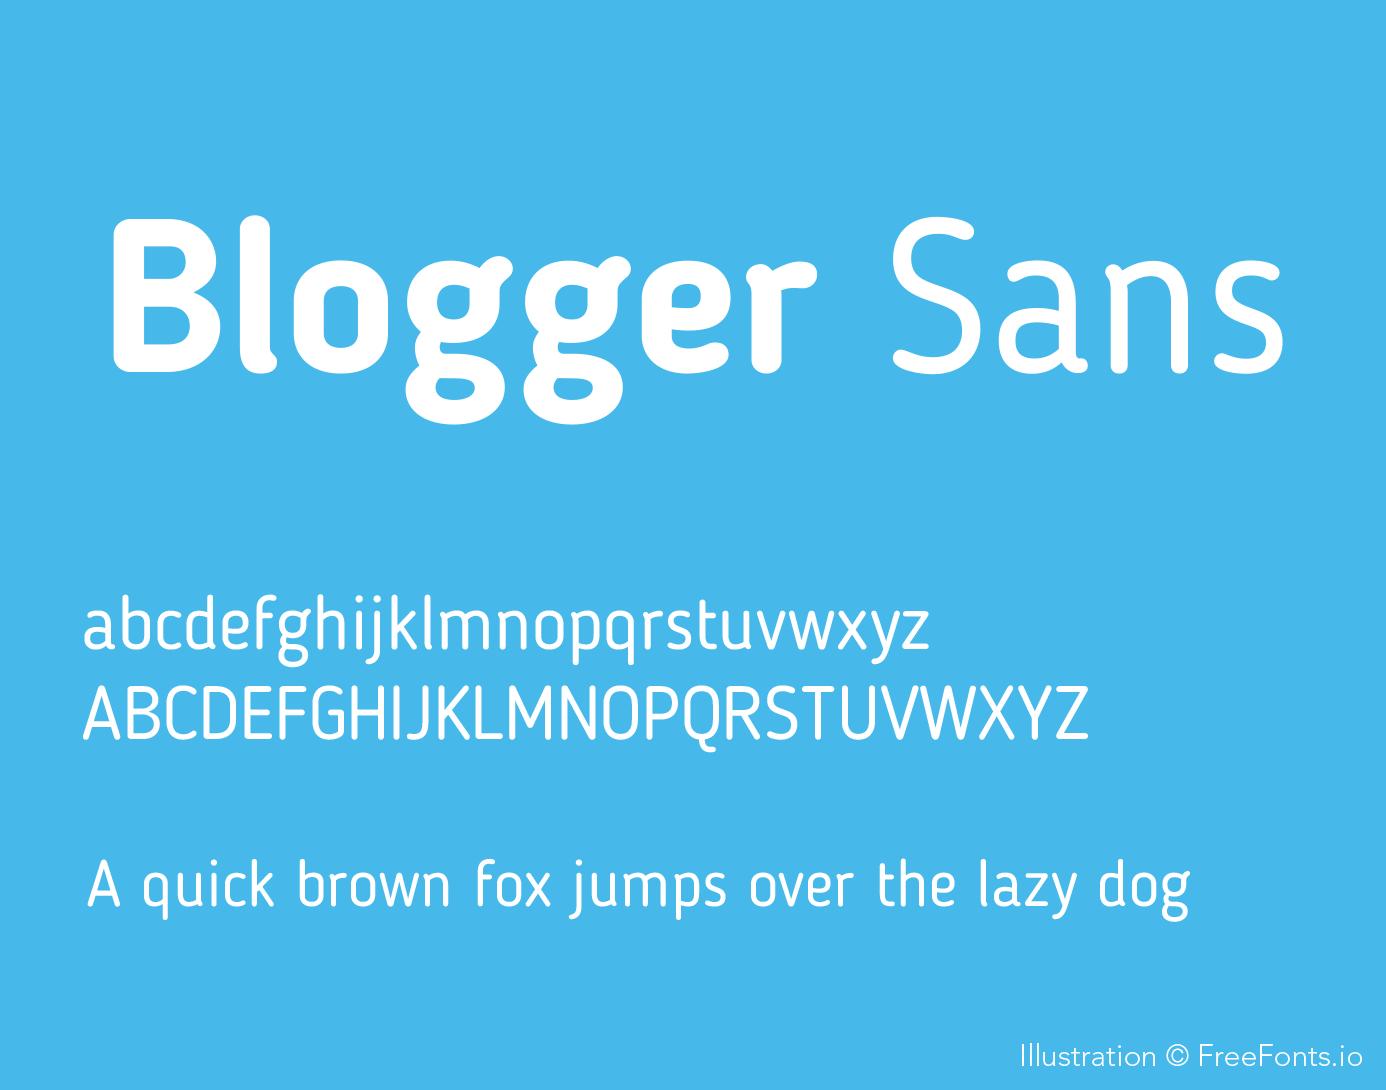 blogger-sans-font